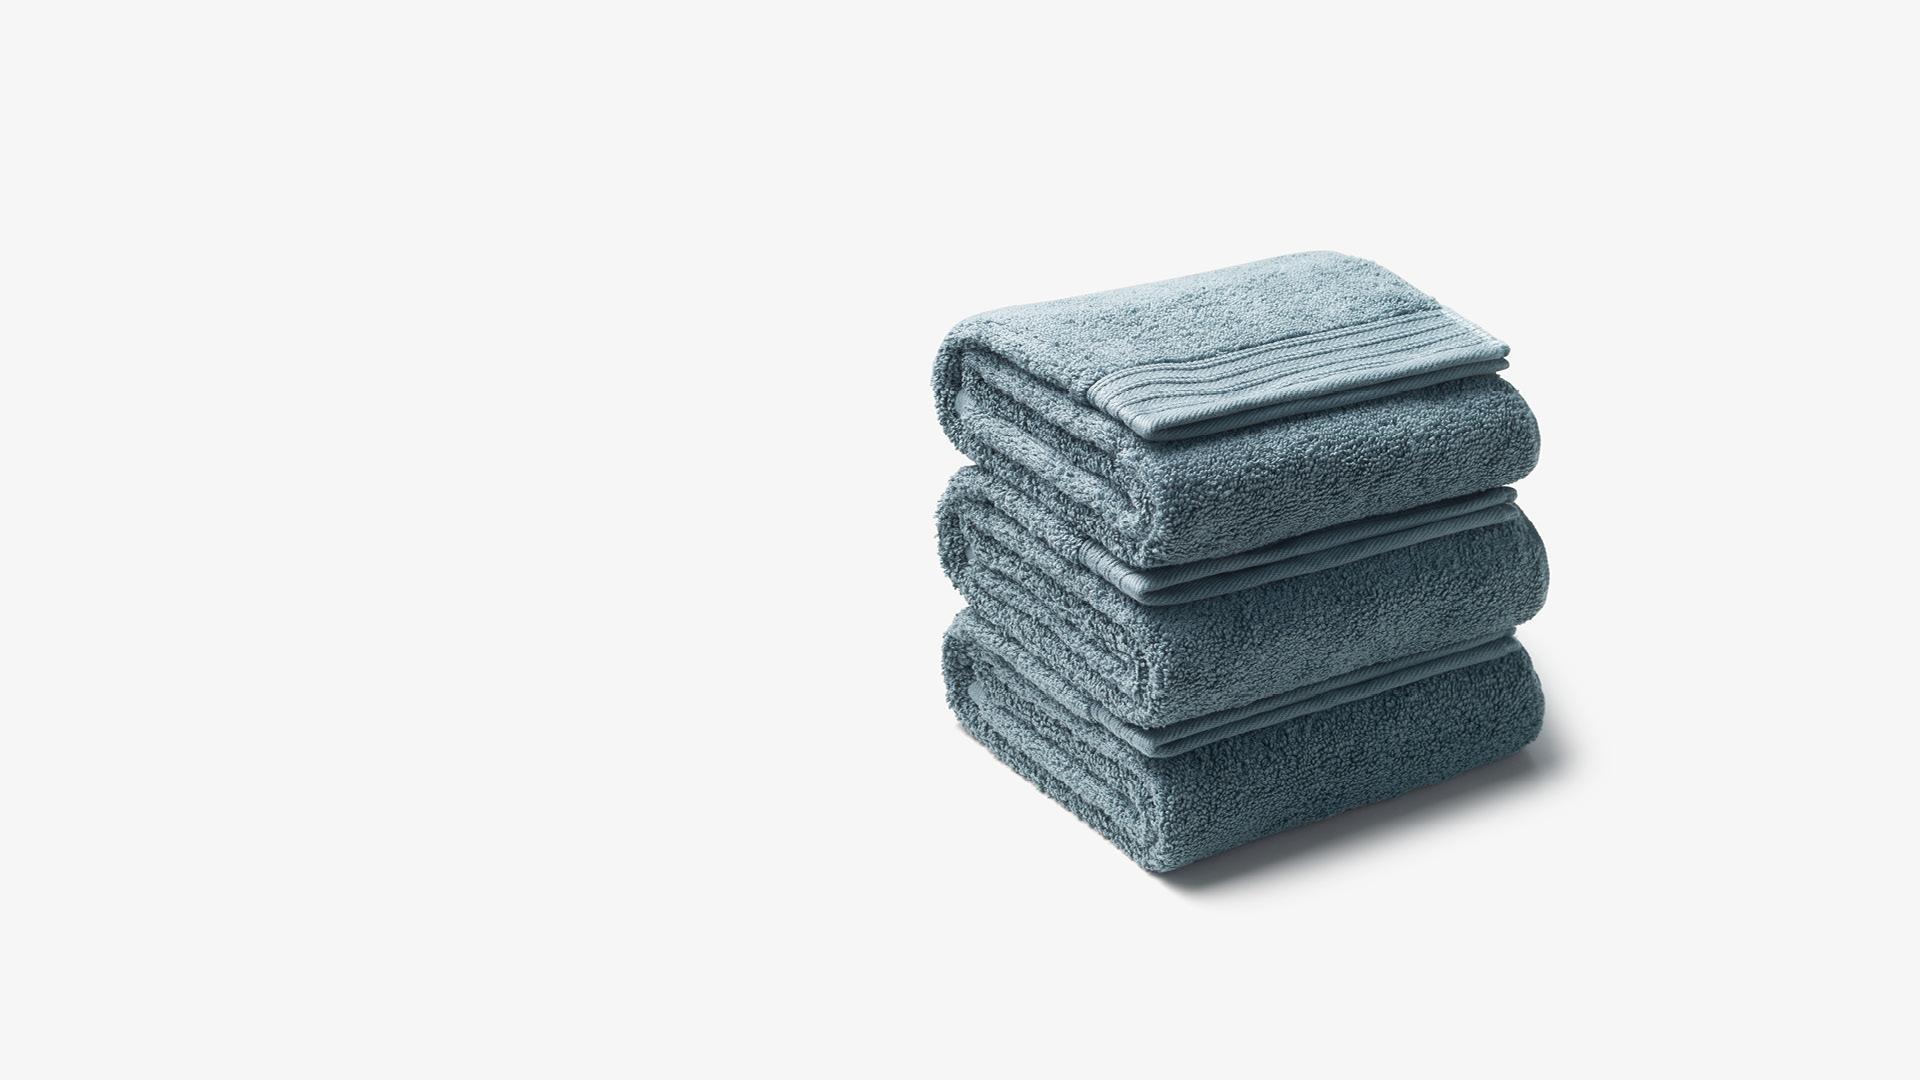 一条日用好毛巾<br/>究极原料工艺安全环保